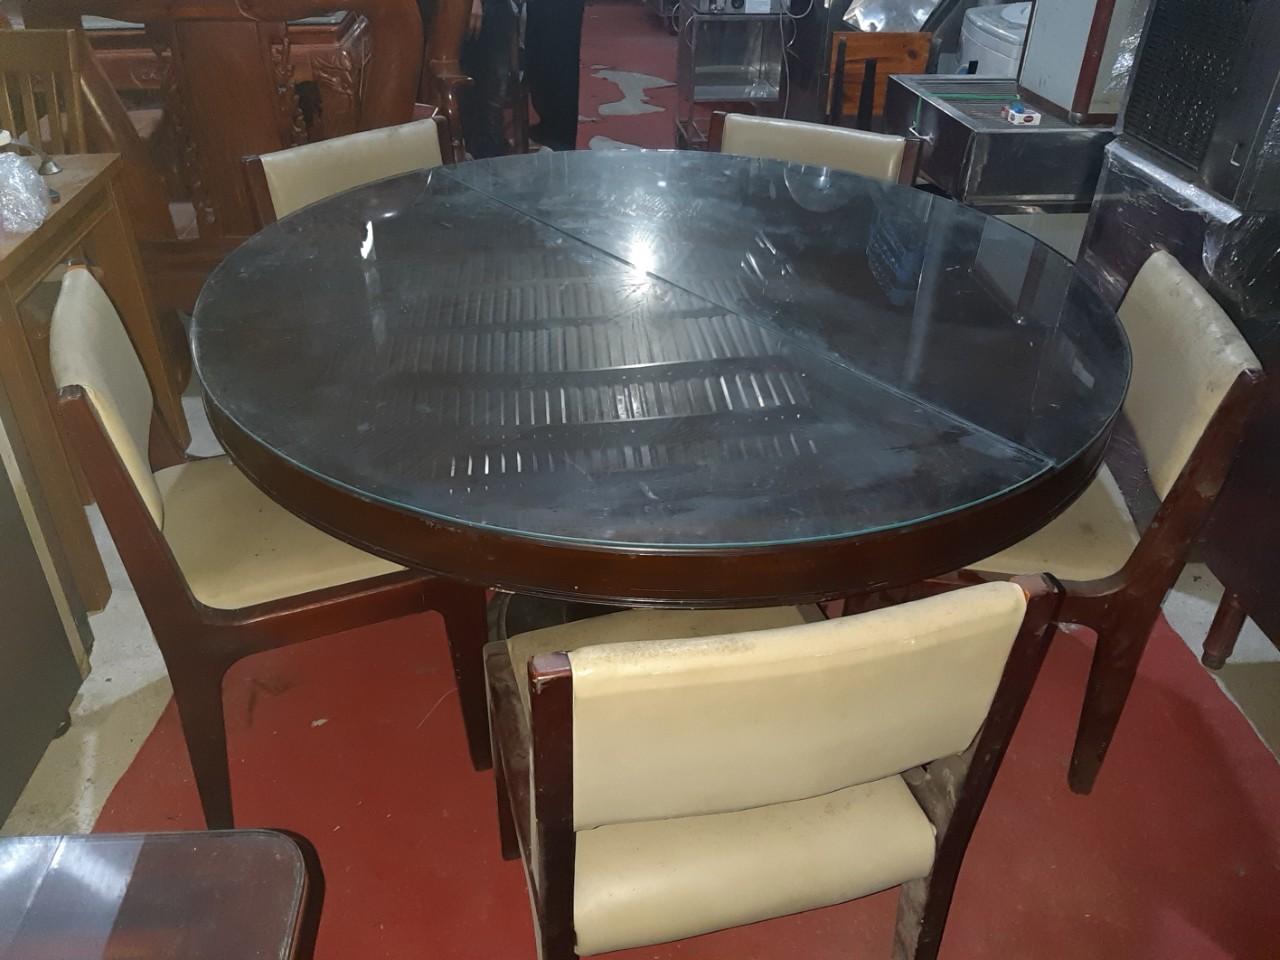 Thanh lý bàn ghế nhà hàng giá rẻ được khách hàng rất ưa chuộng